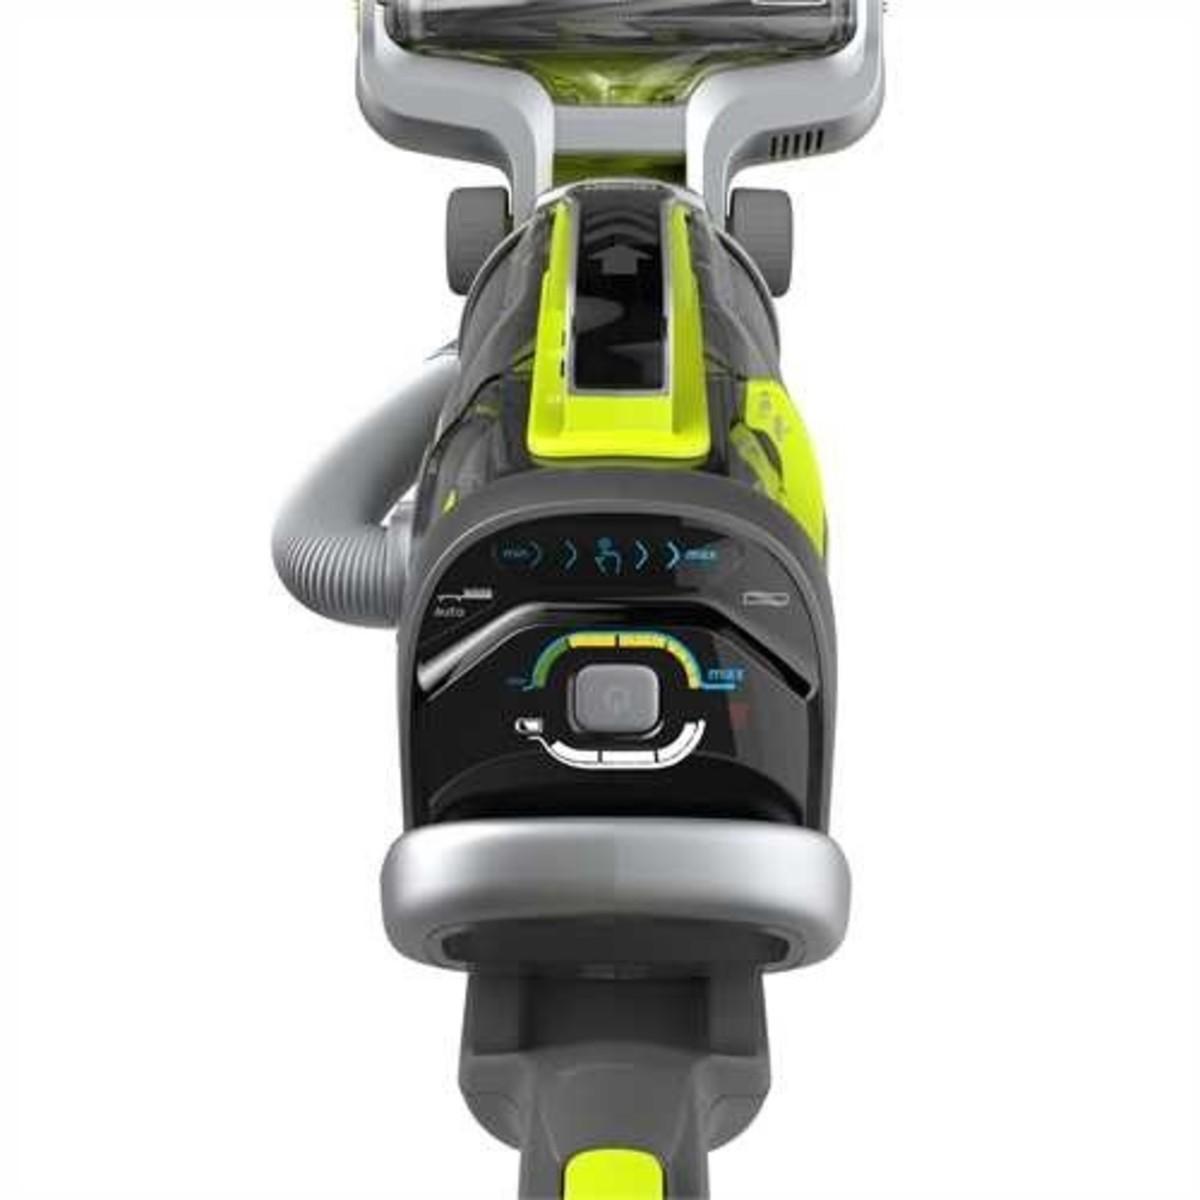 Bild 3 von BLACK+DECKER Akkusauger CUA 525 BHA titanium/lindgrün   B-Ware - Der Artikel und die Verpackung weisen leichte Gebrauchsspuren auf